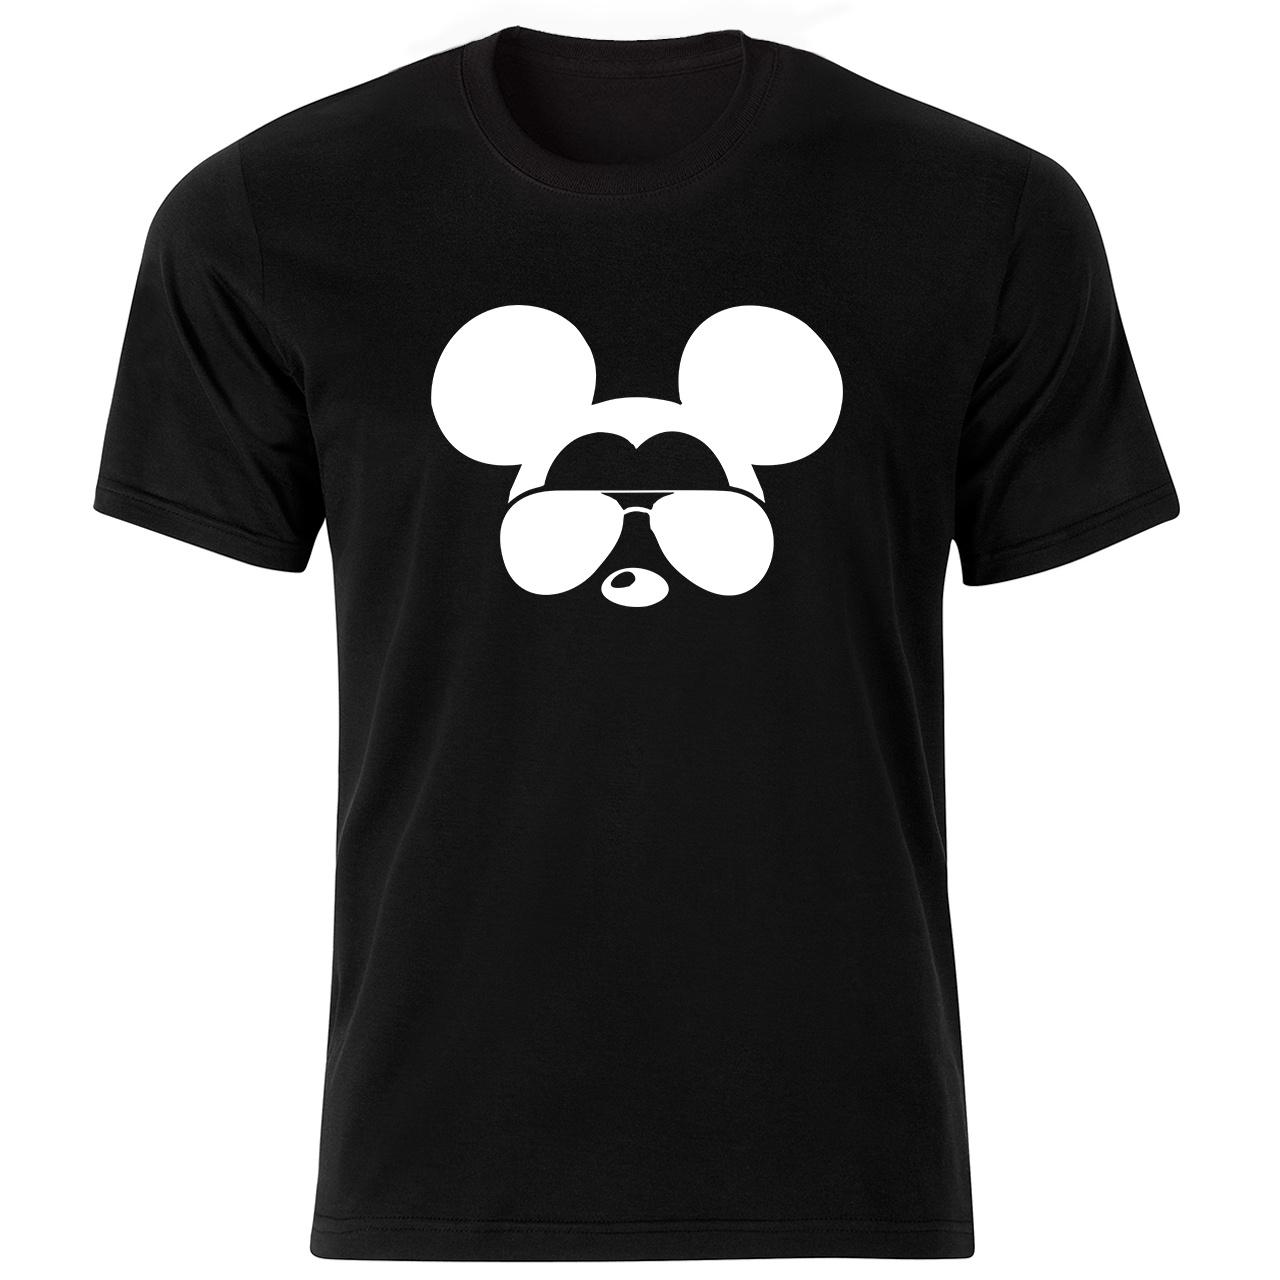 تی شرت آستین کوتاه مردانه طرح میکی موس کد ۱۸۰۵۳ BW